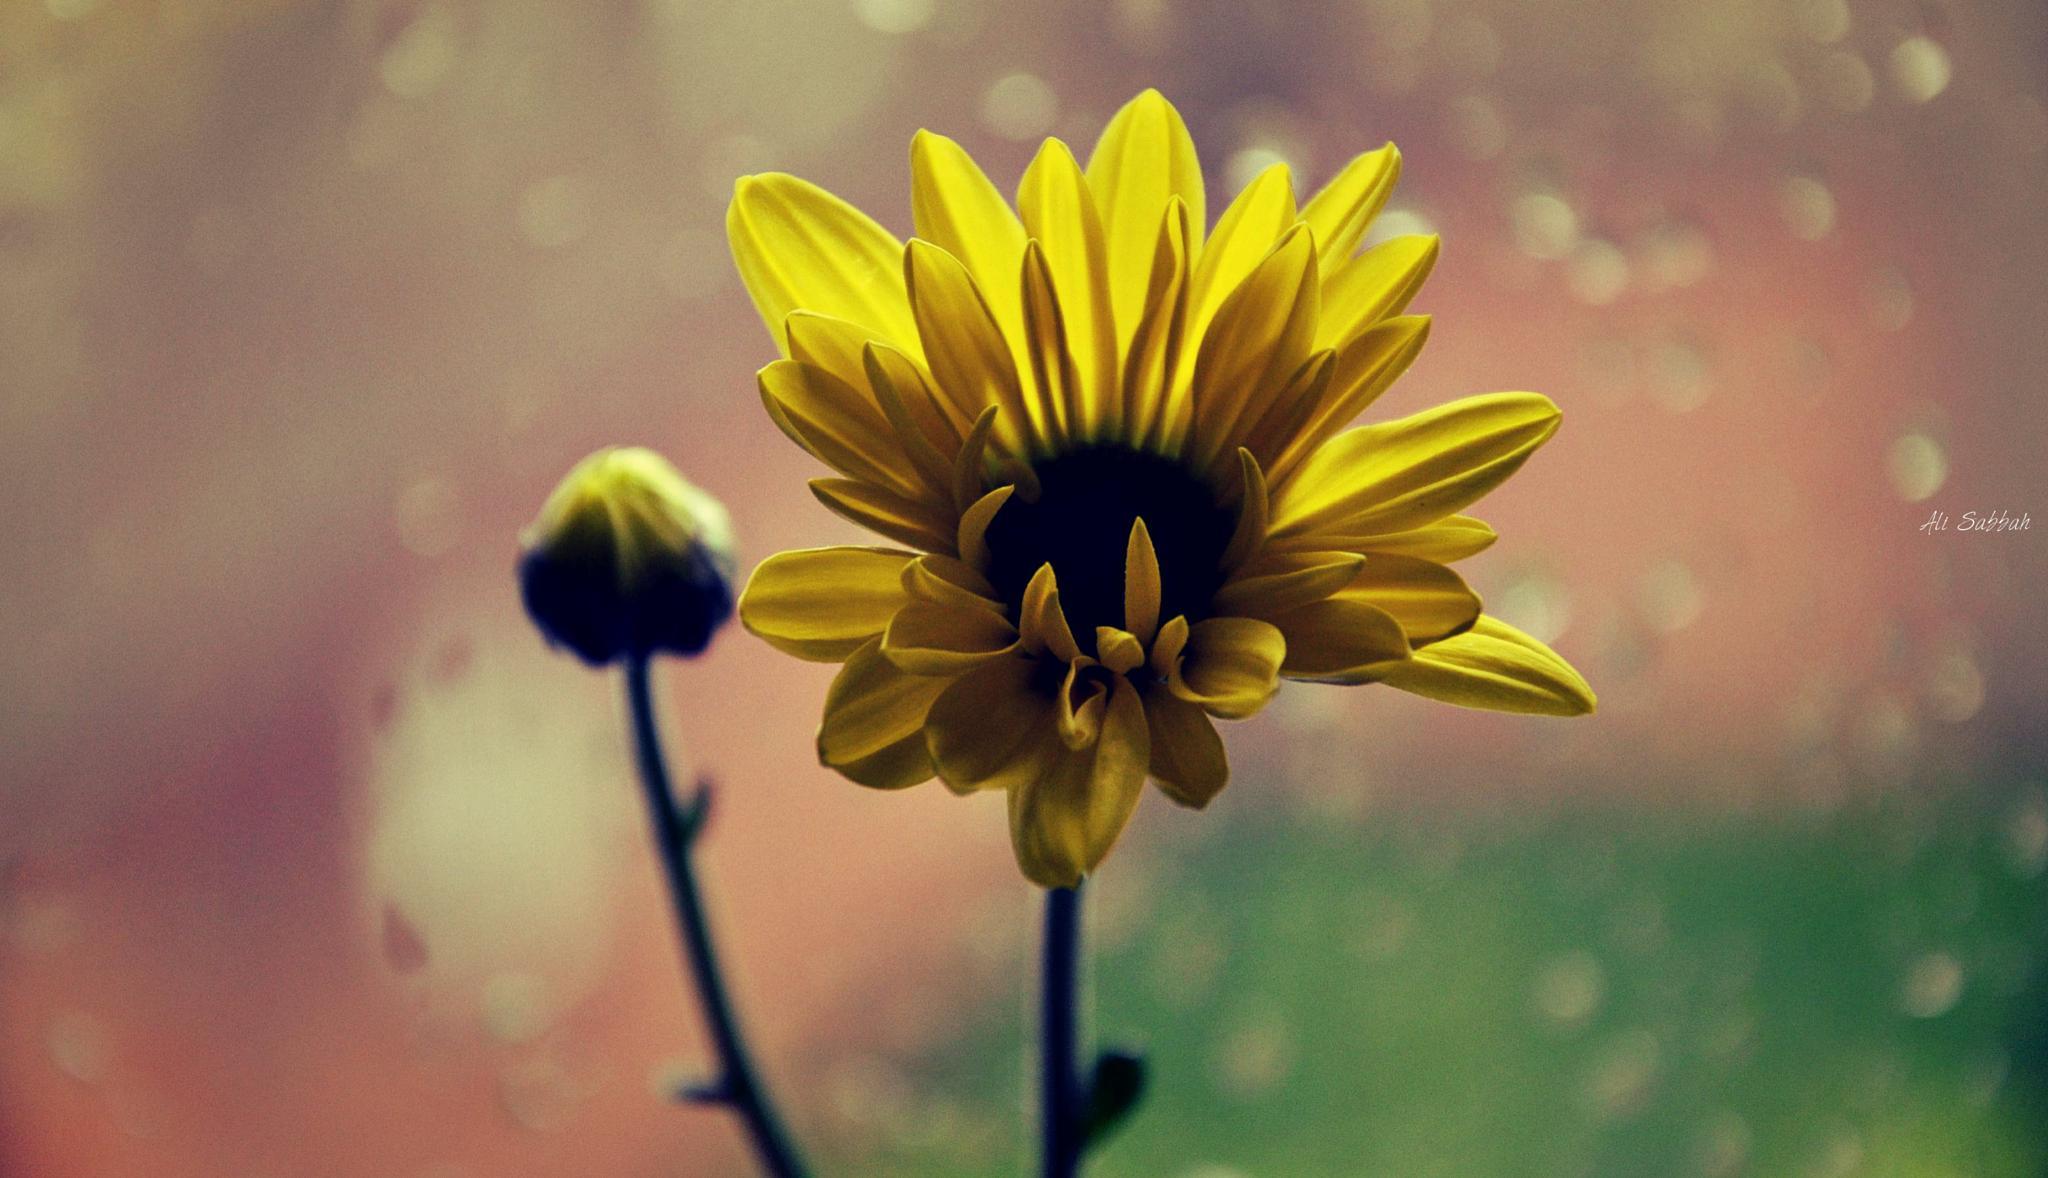 flower by ali sabbah